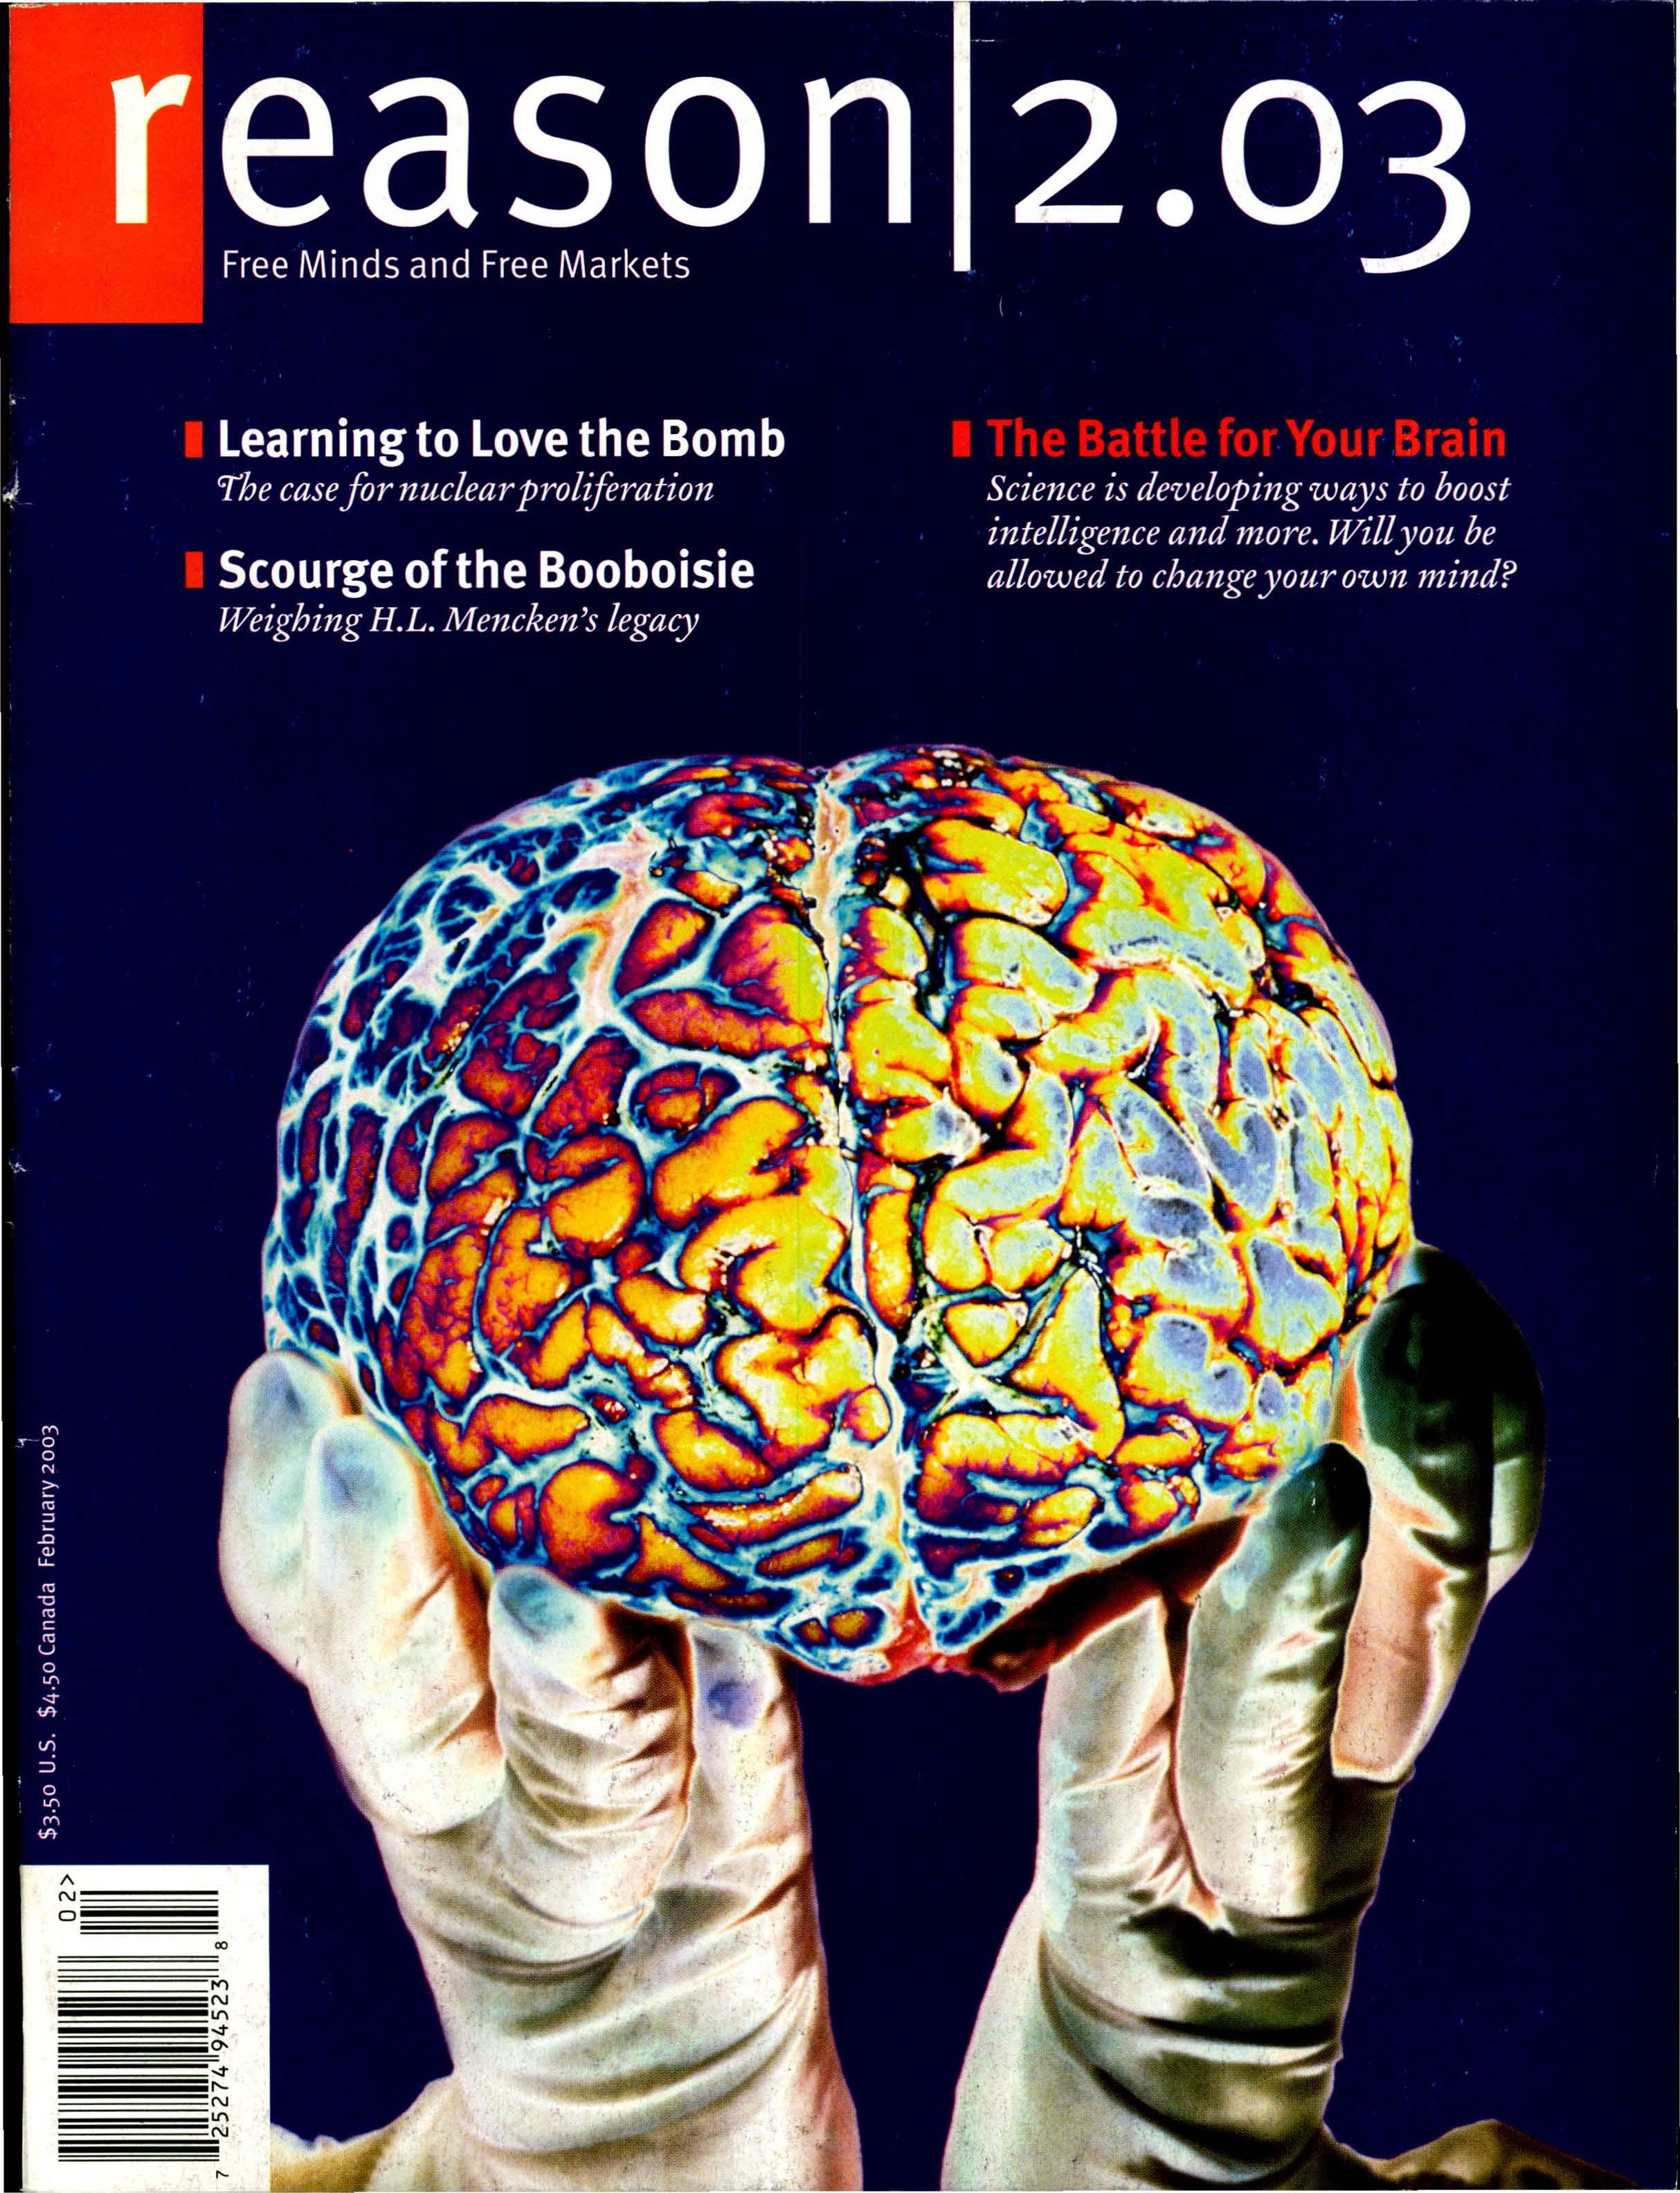 Reason Magazine, February 2003 cover image